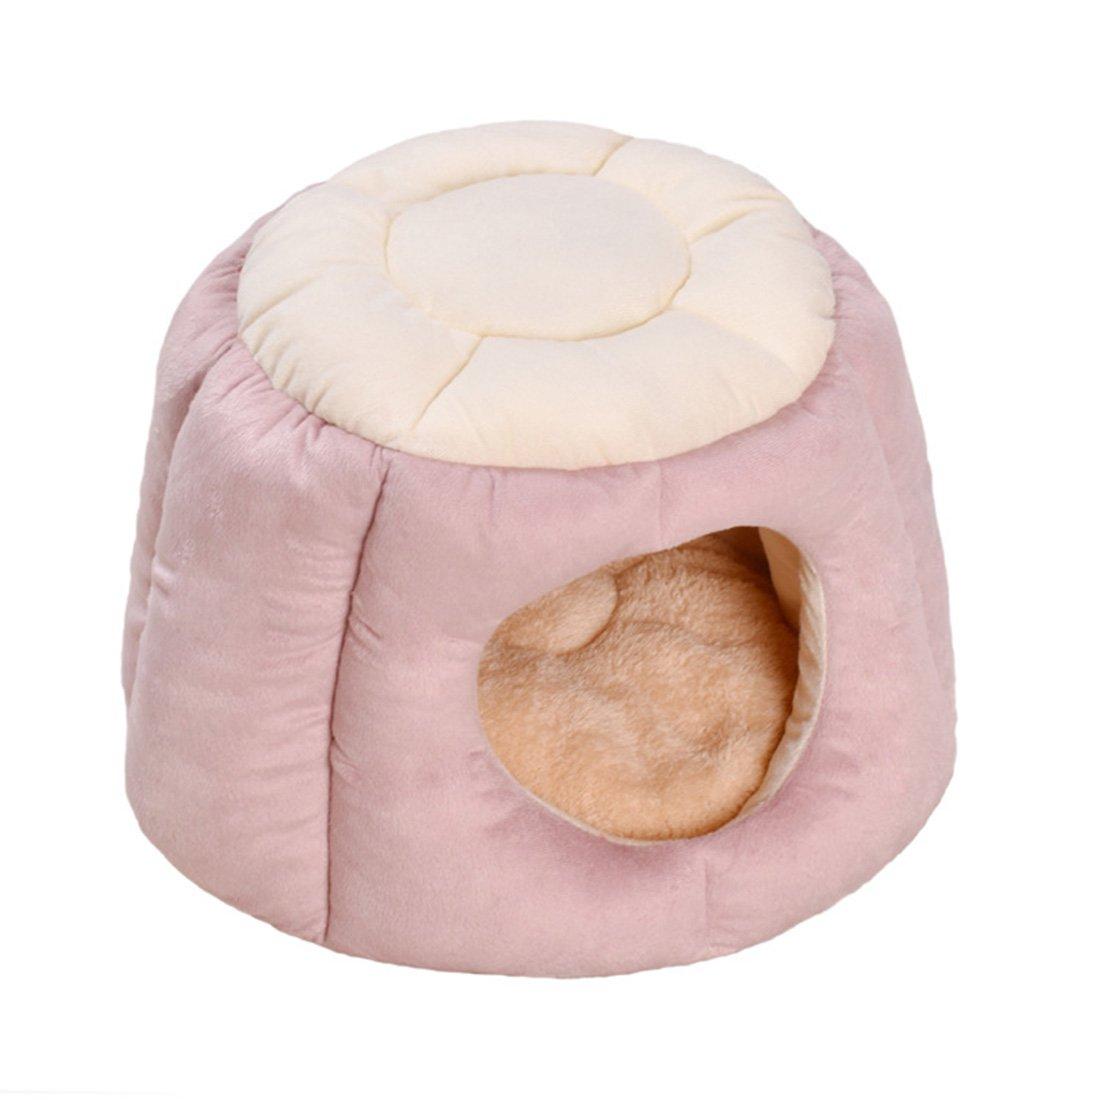 ... Lavable Cesta extraíble Premium Mascota cojín de Cama elástico Terciopelo caseta Gato Doble Uso Mascotas Fundas: Amazon.es: Productos para mascotas